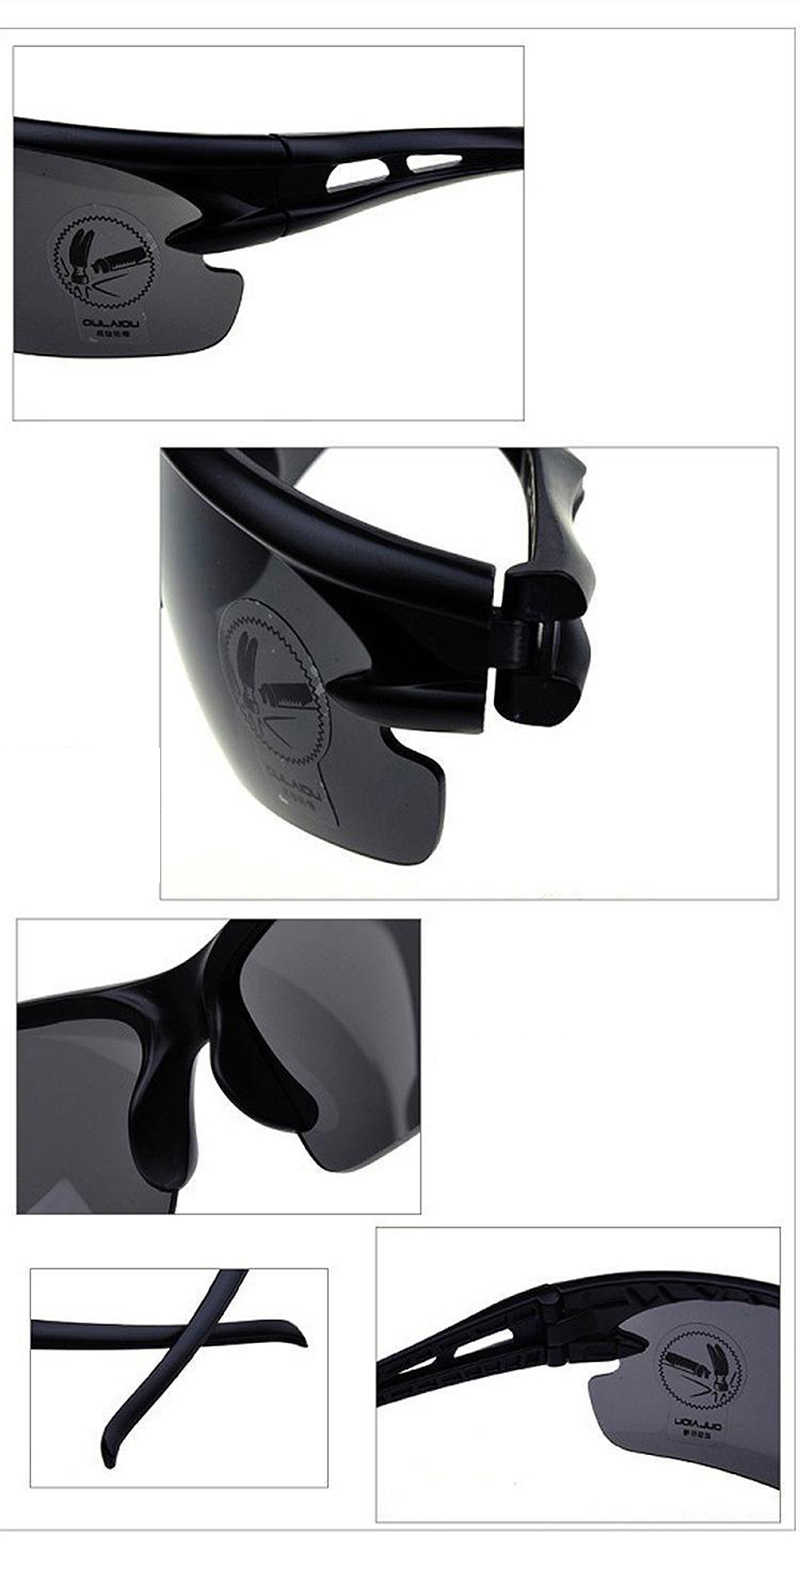 Phụ Kiện Ô Tô Thời Trang Chống Tia UV Bảo Vệ Kính Mát PC Chống Cháy Nổ Bảo Vệ Chống Sương Mù Dấu Mắt Kính Bảo Hộ